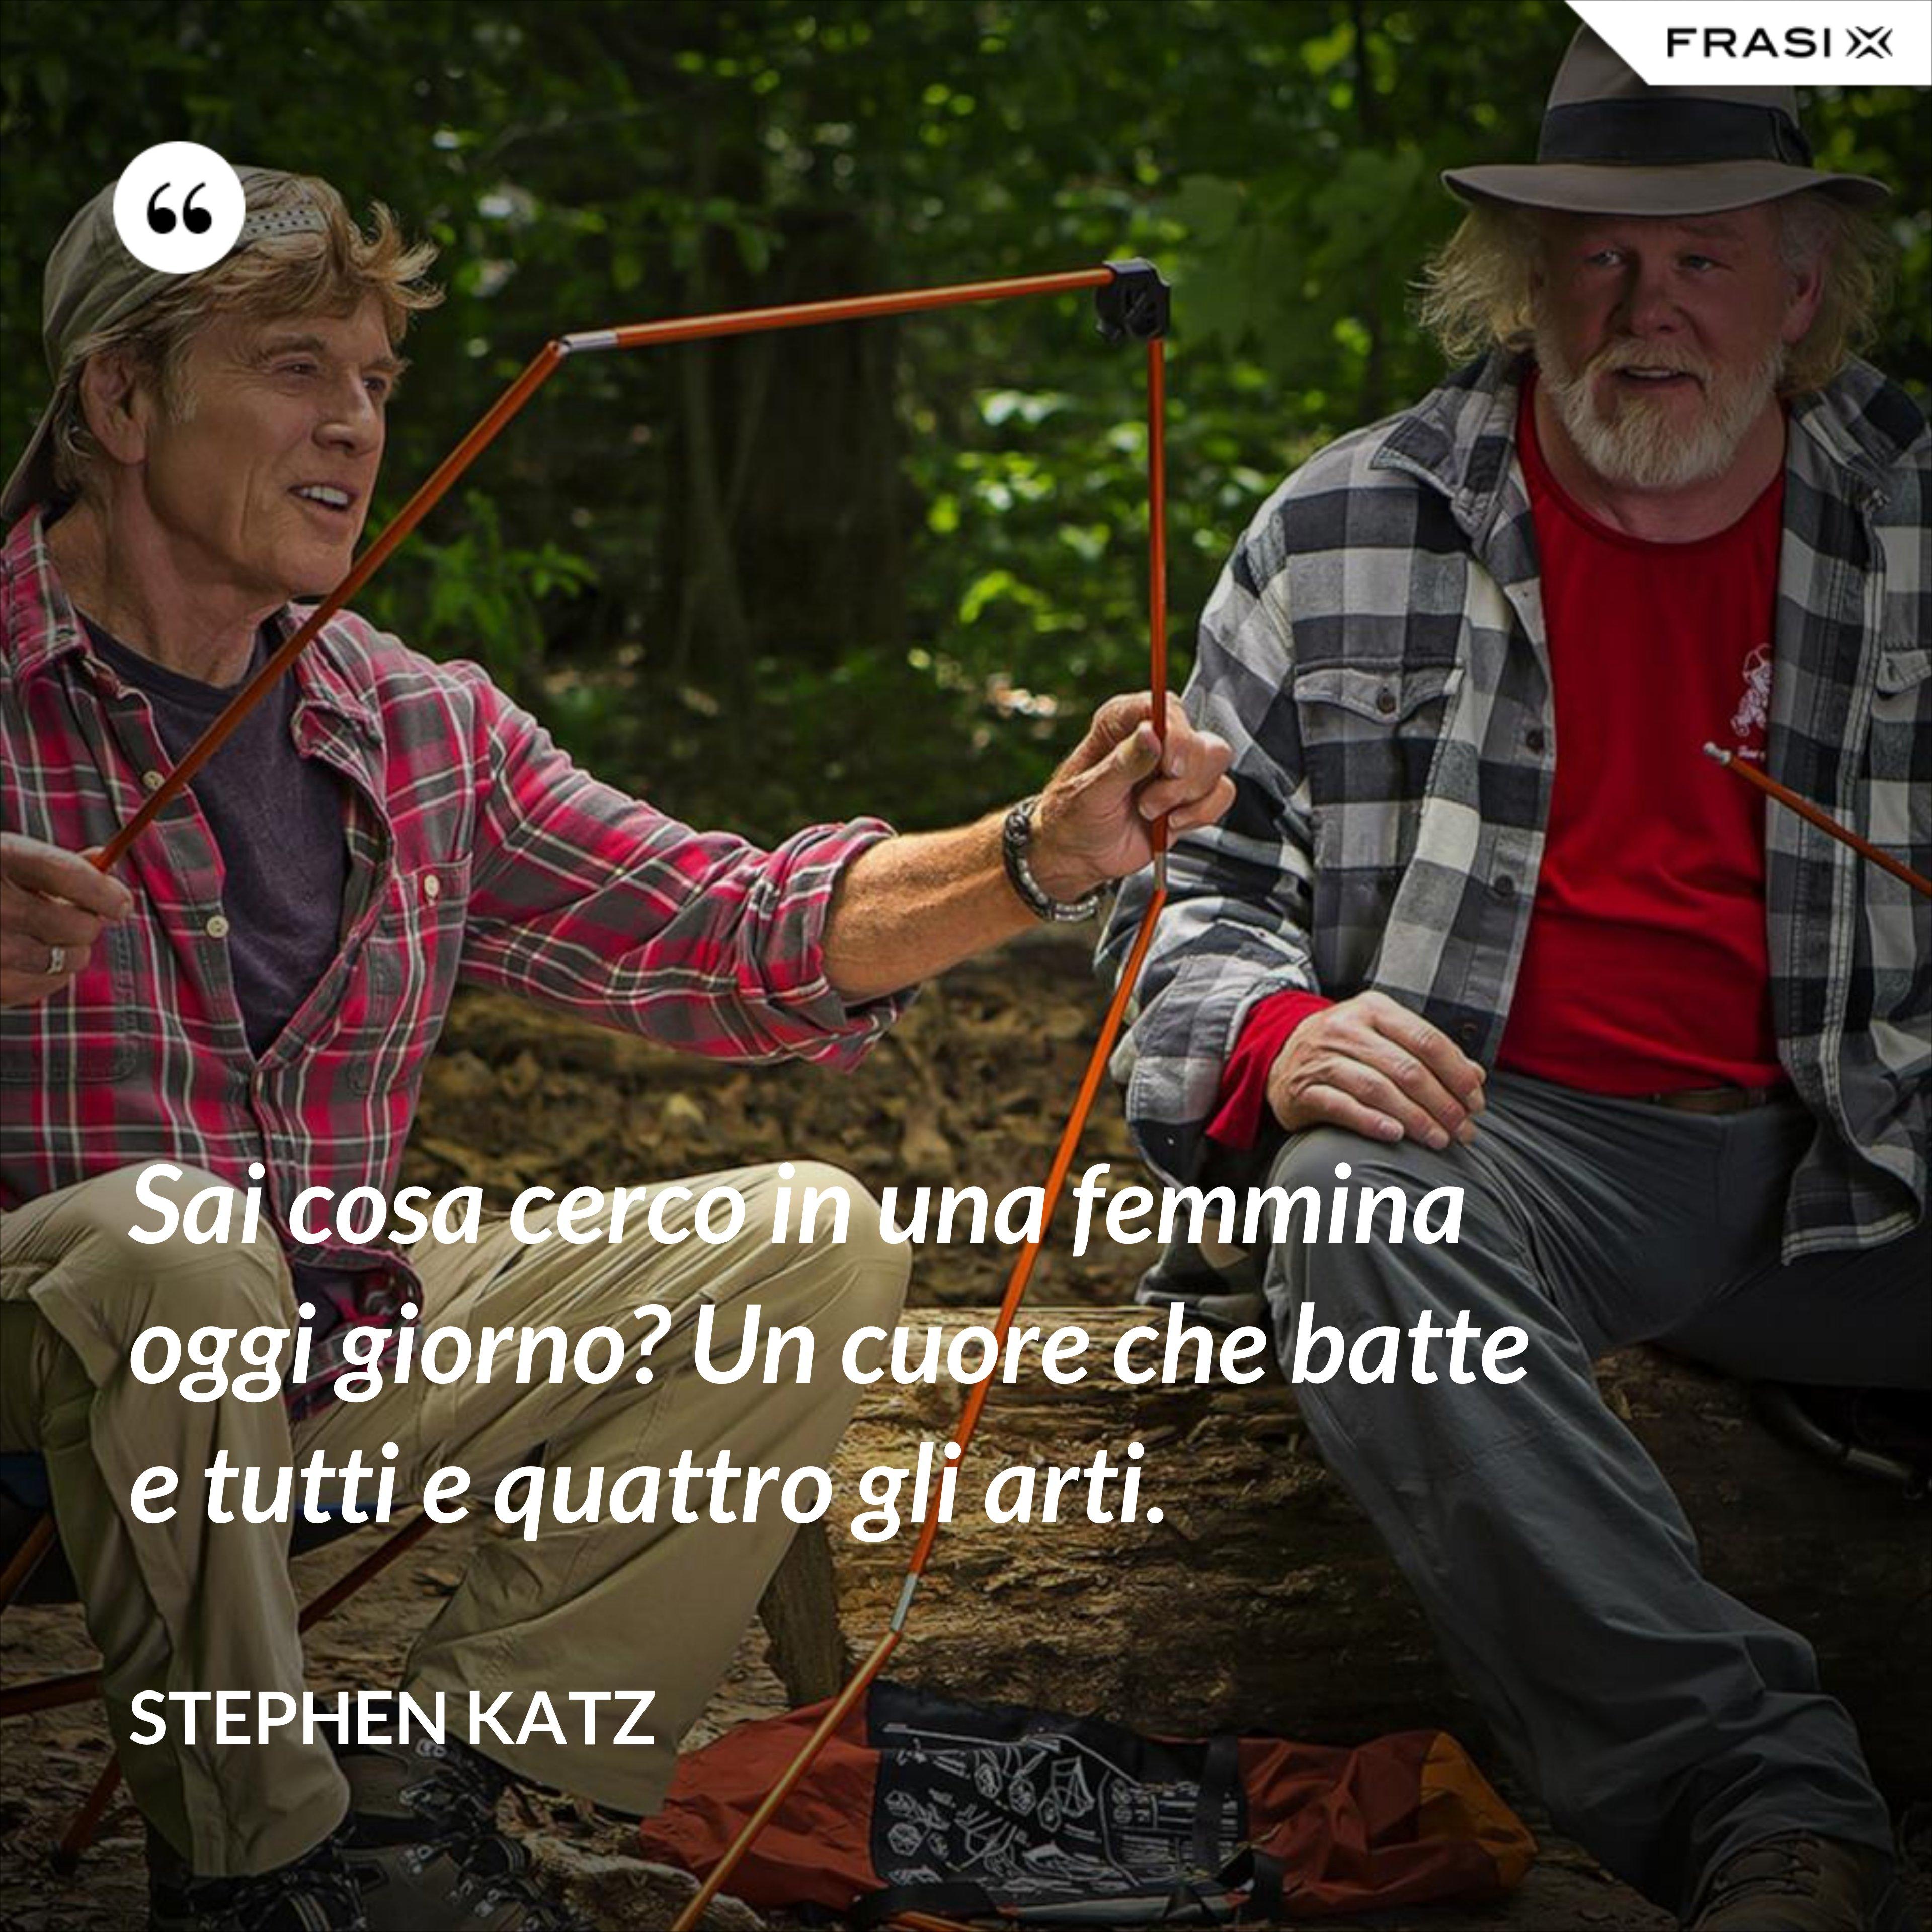 Sai cosa cerco in una femmina oggi giorno? Un cuore che batte e tutti e quattro gli arti. - Stephen Katz